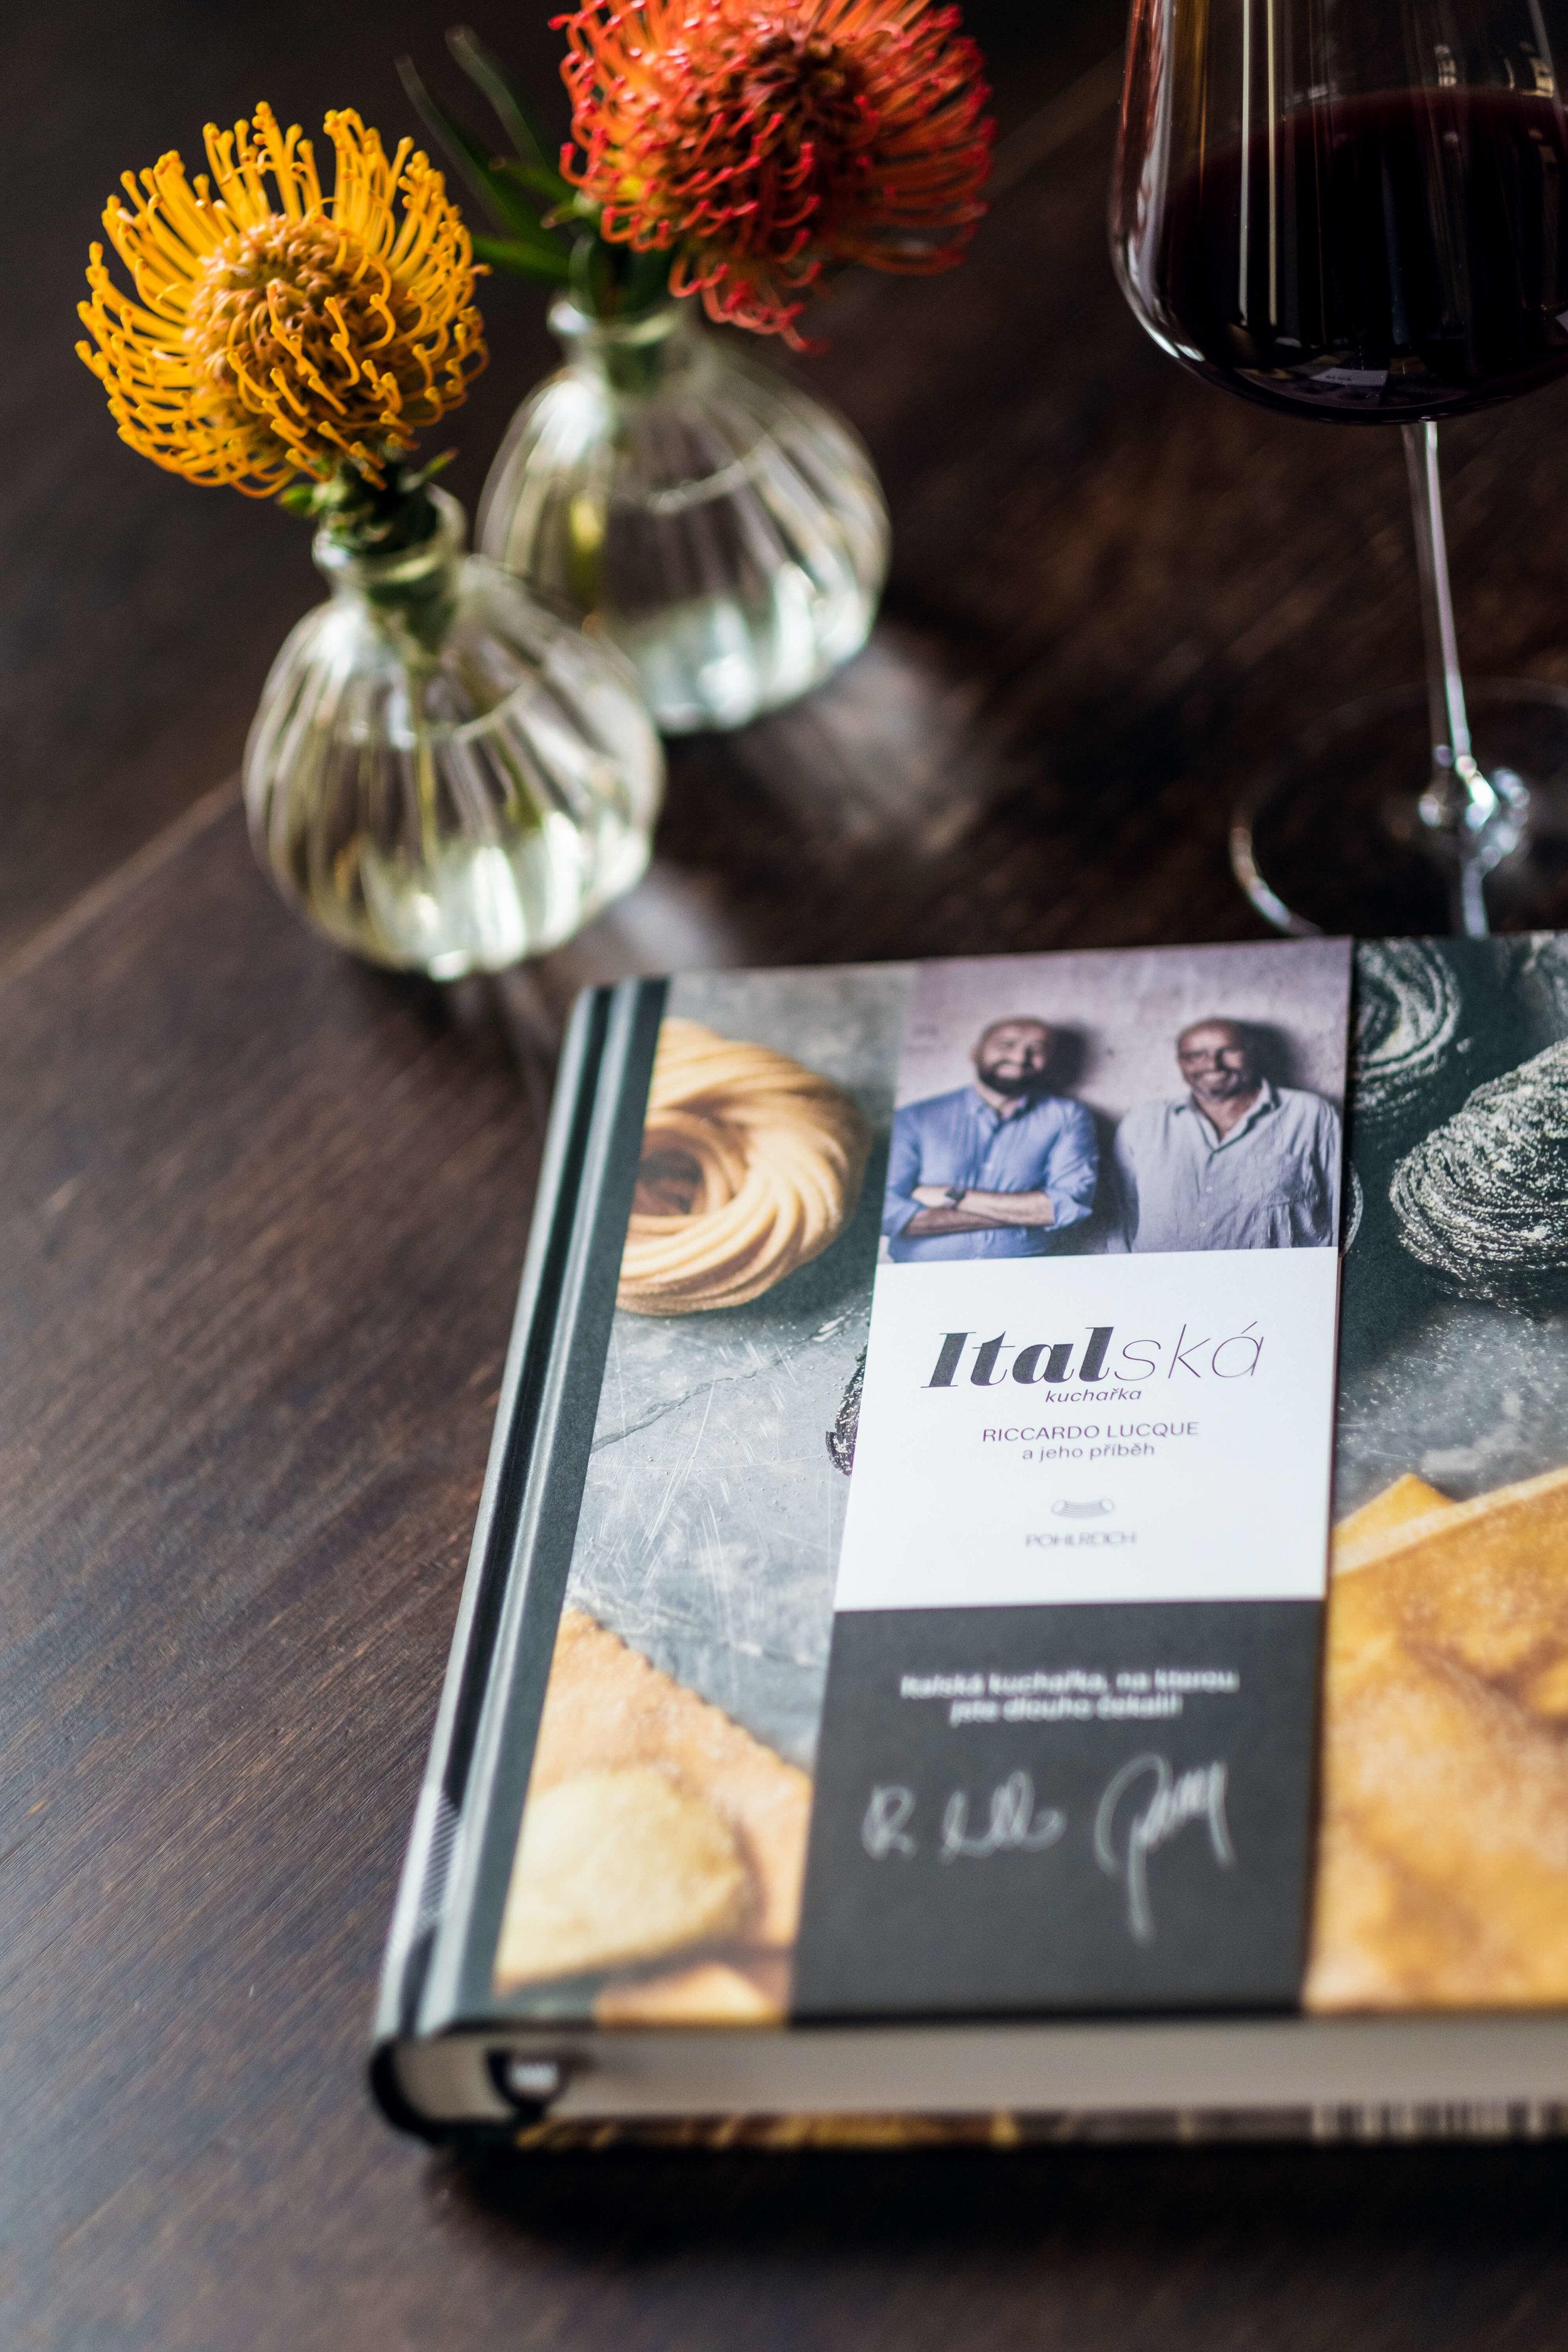 cuoco-italiano-italska-kucharka.jpg